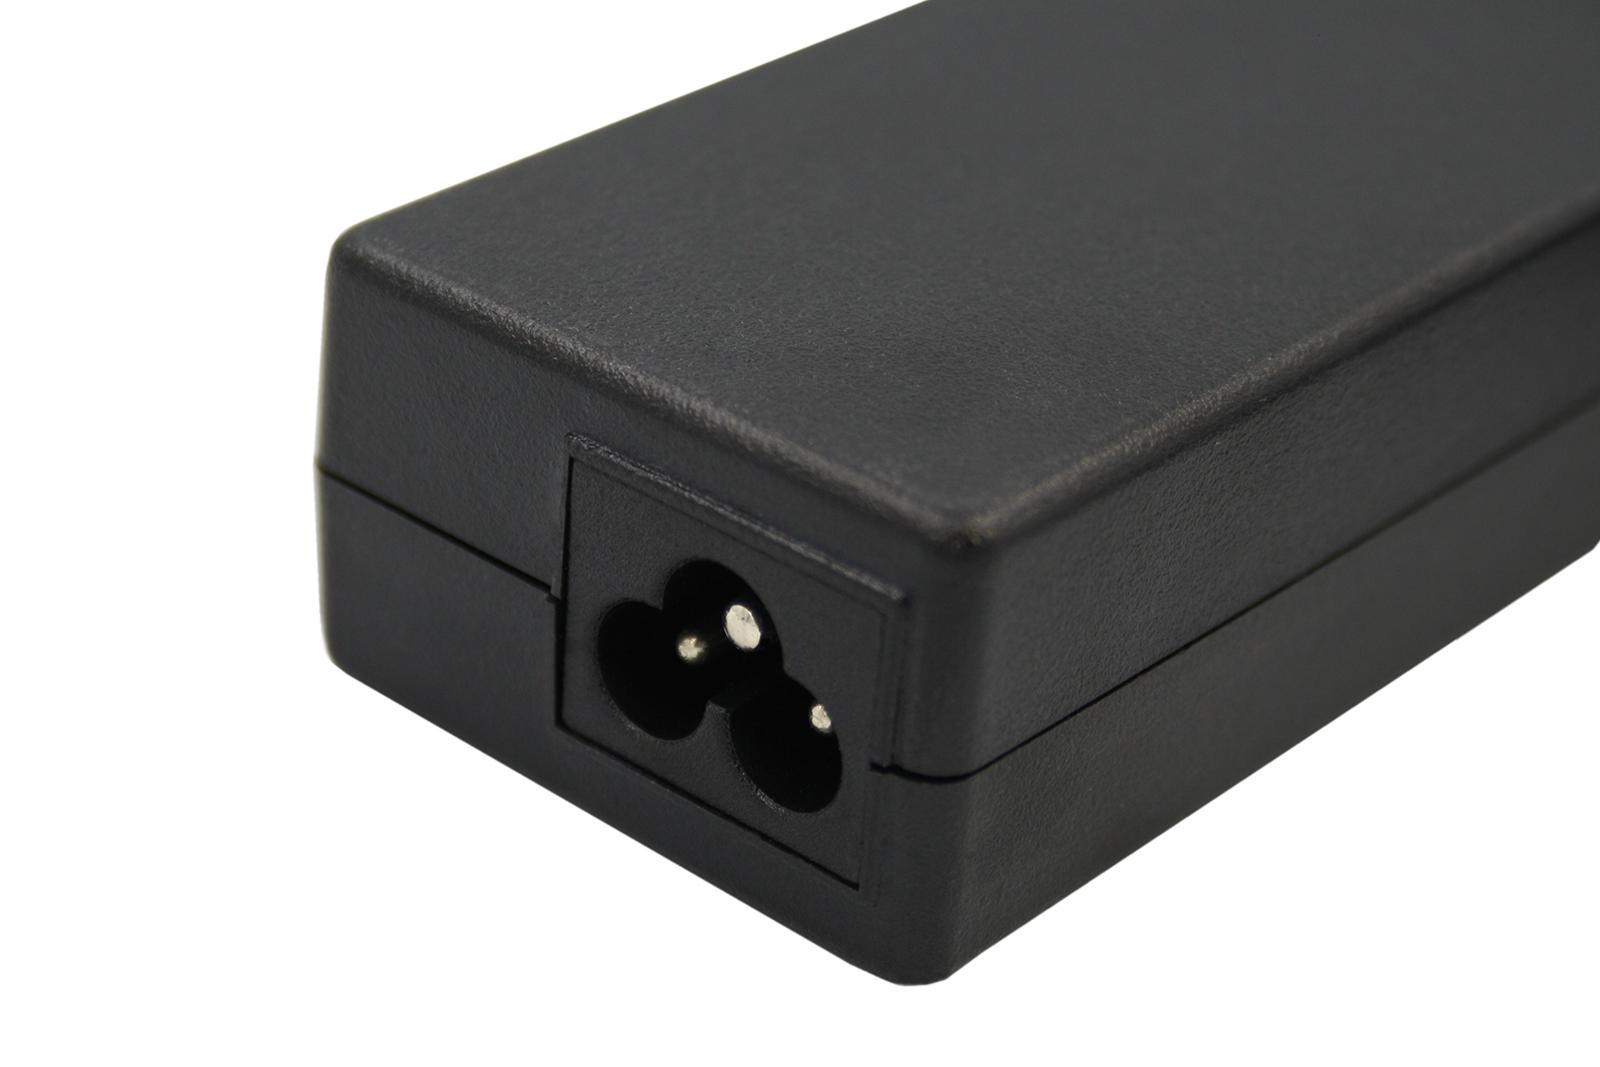 ZASILACZ ŁADOWARKA 19V 4.74A 4.8*1.7mm HP COMPAQ LG - Zasilacze do laptopów